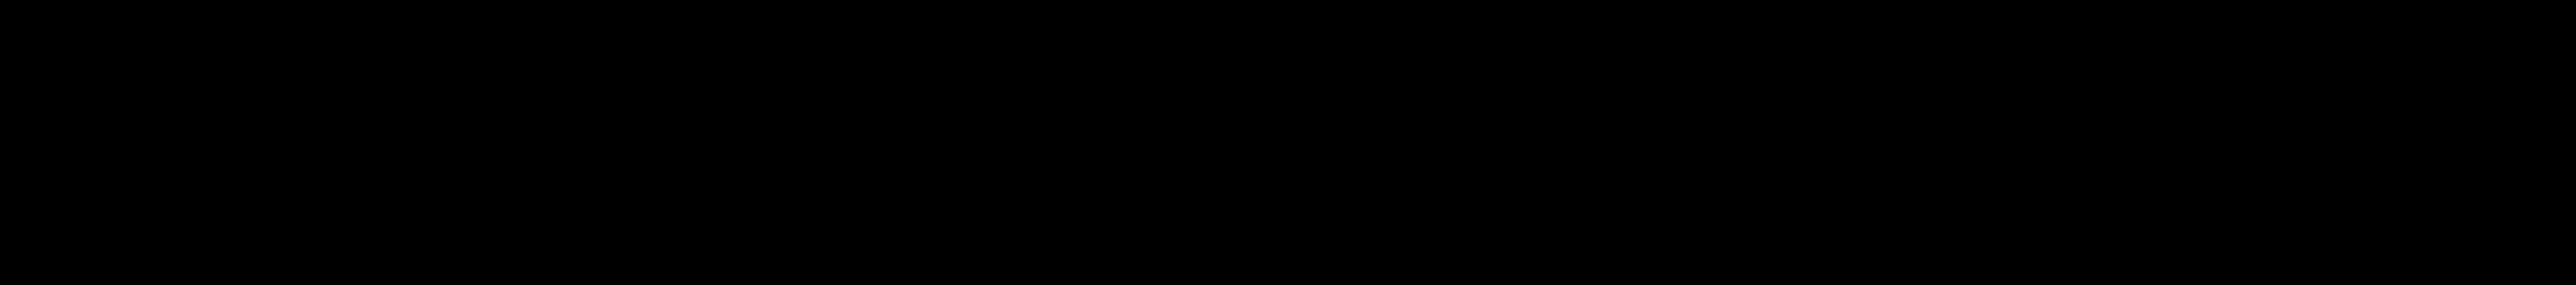 multilaser logo 7 - Multilaser Logo